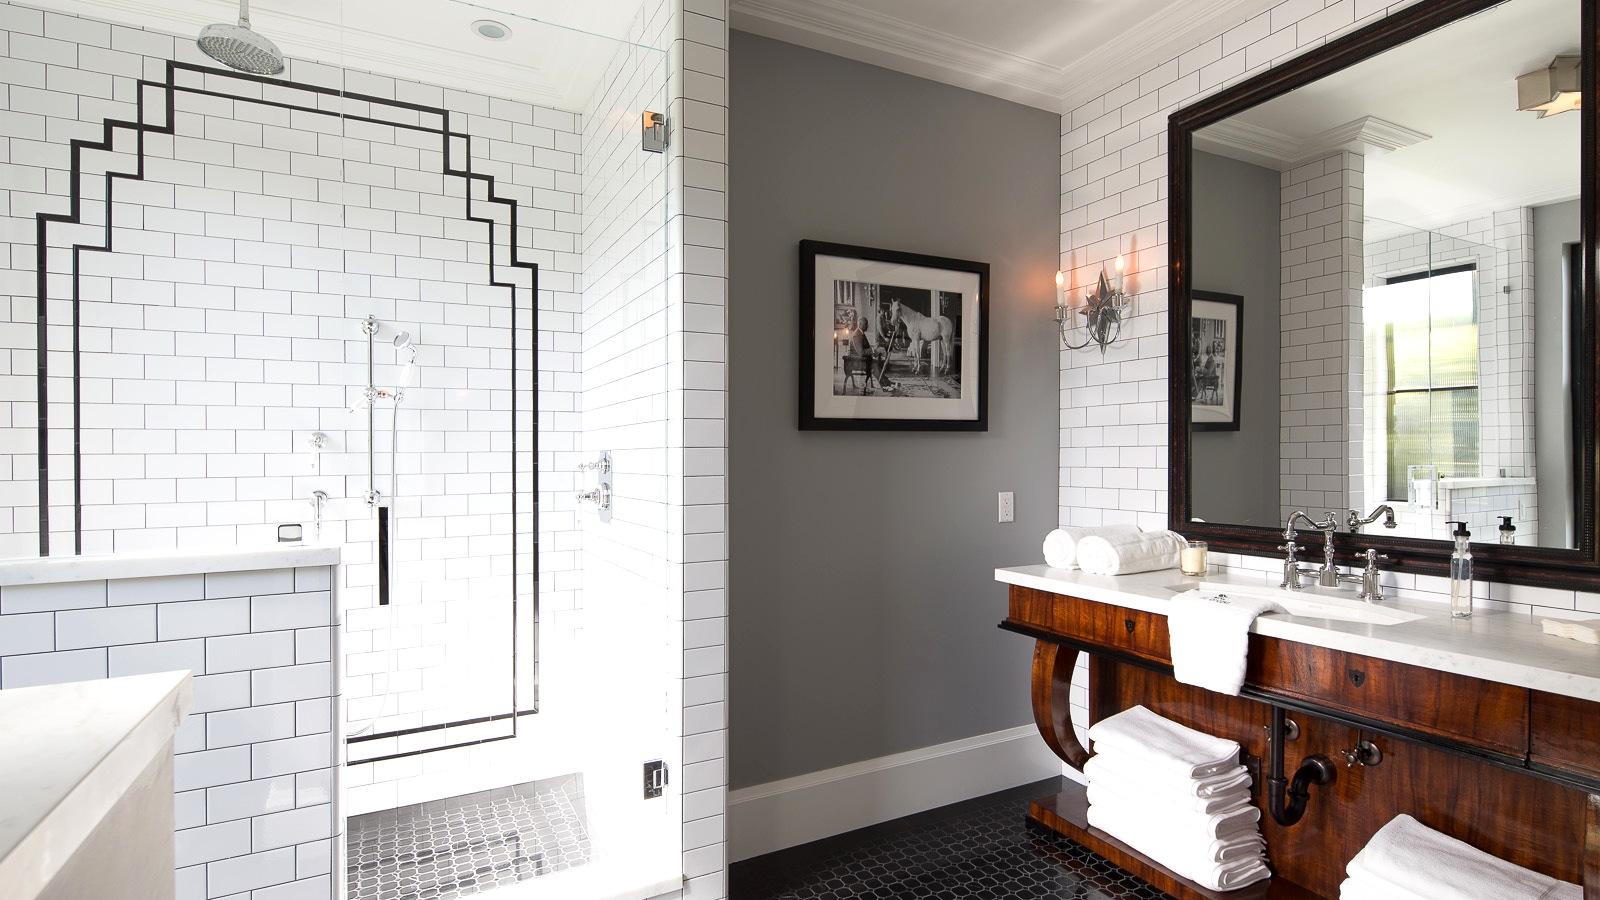 Fancy-art-deco-bathroom-vanity